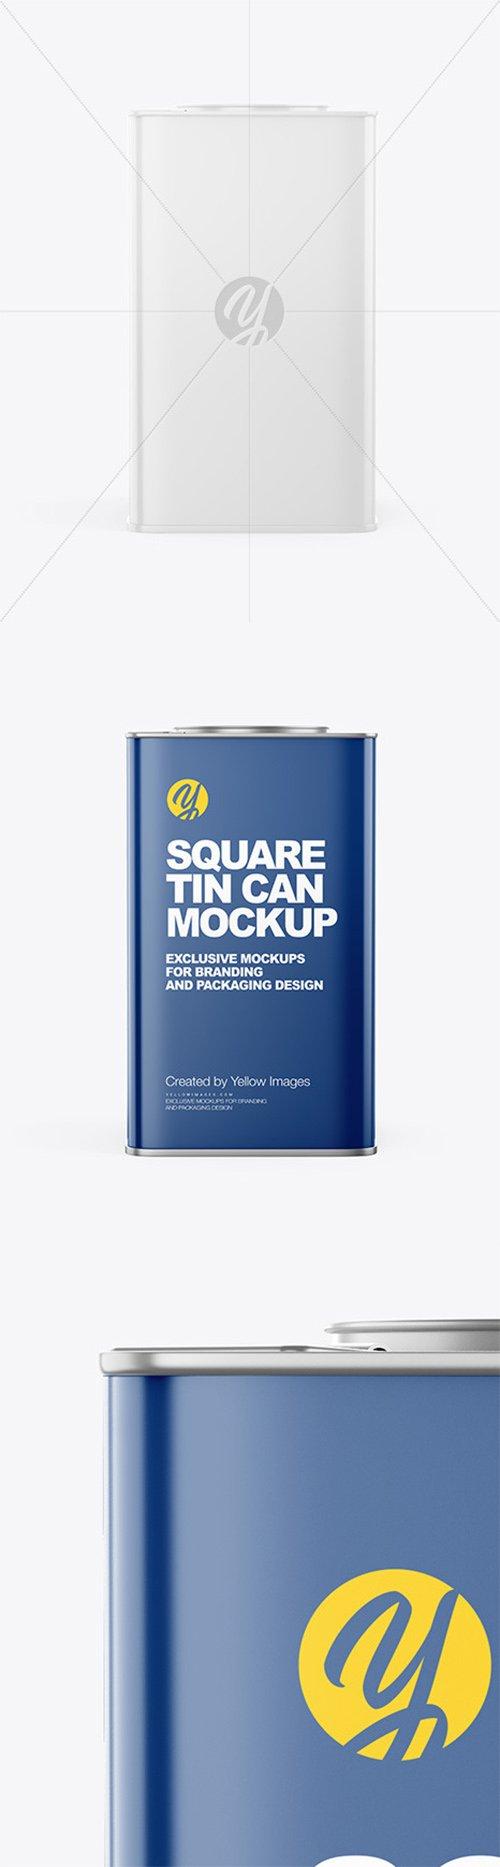 Glossy Square Tin Can Mockup 65339